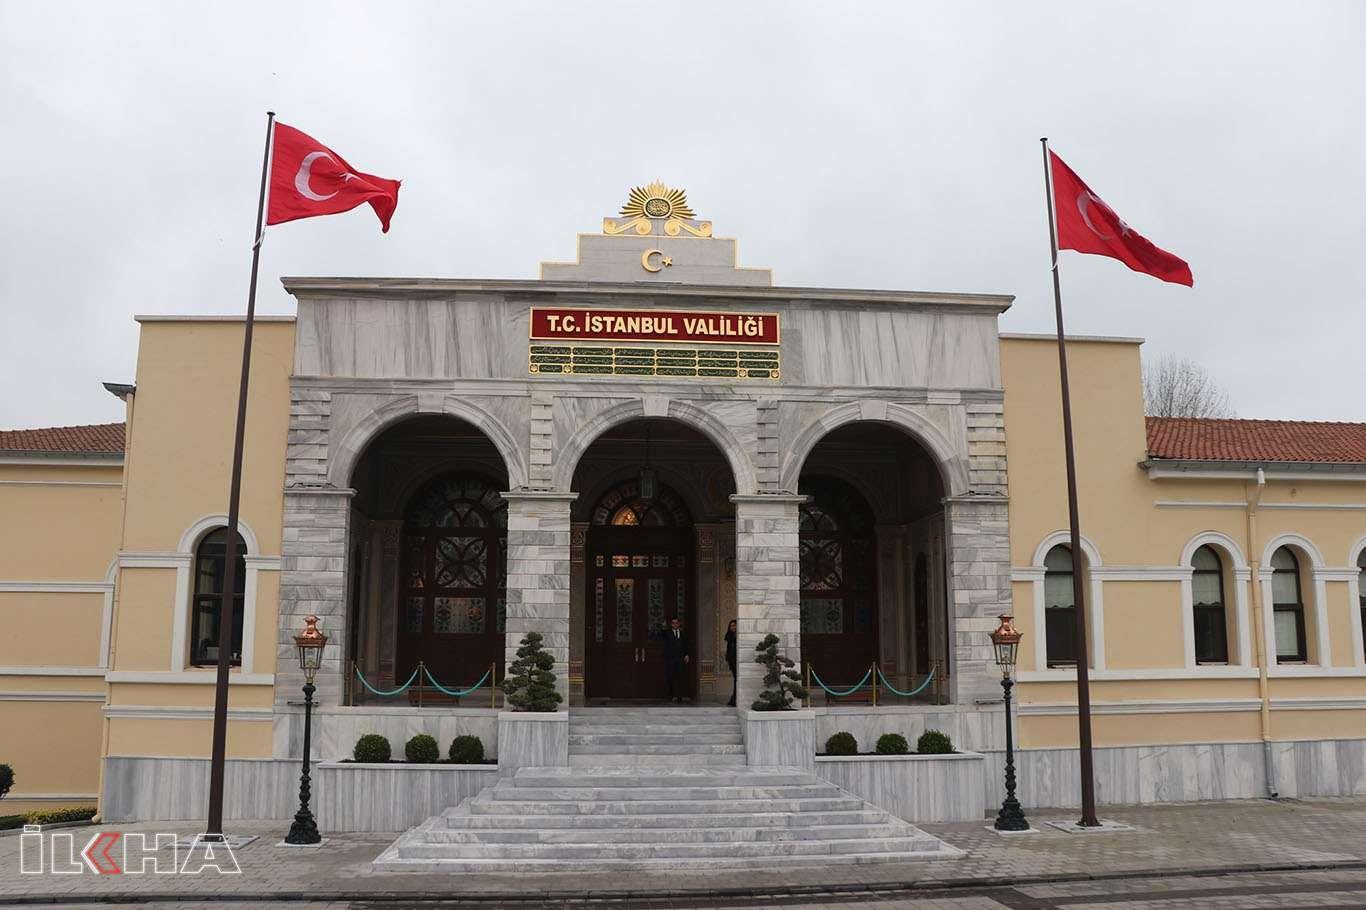 İstanbulda yapılan gramaj ve fiyat denetimlerinde 93 fırına ceza kesildi